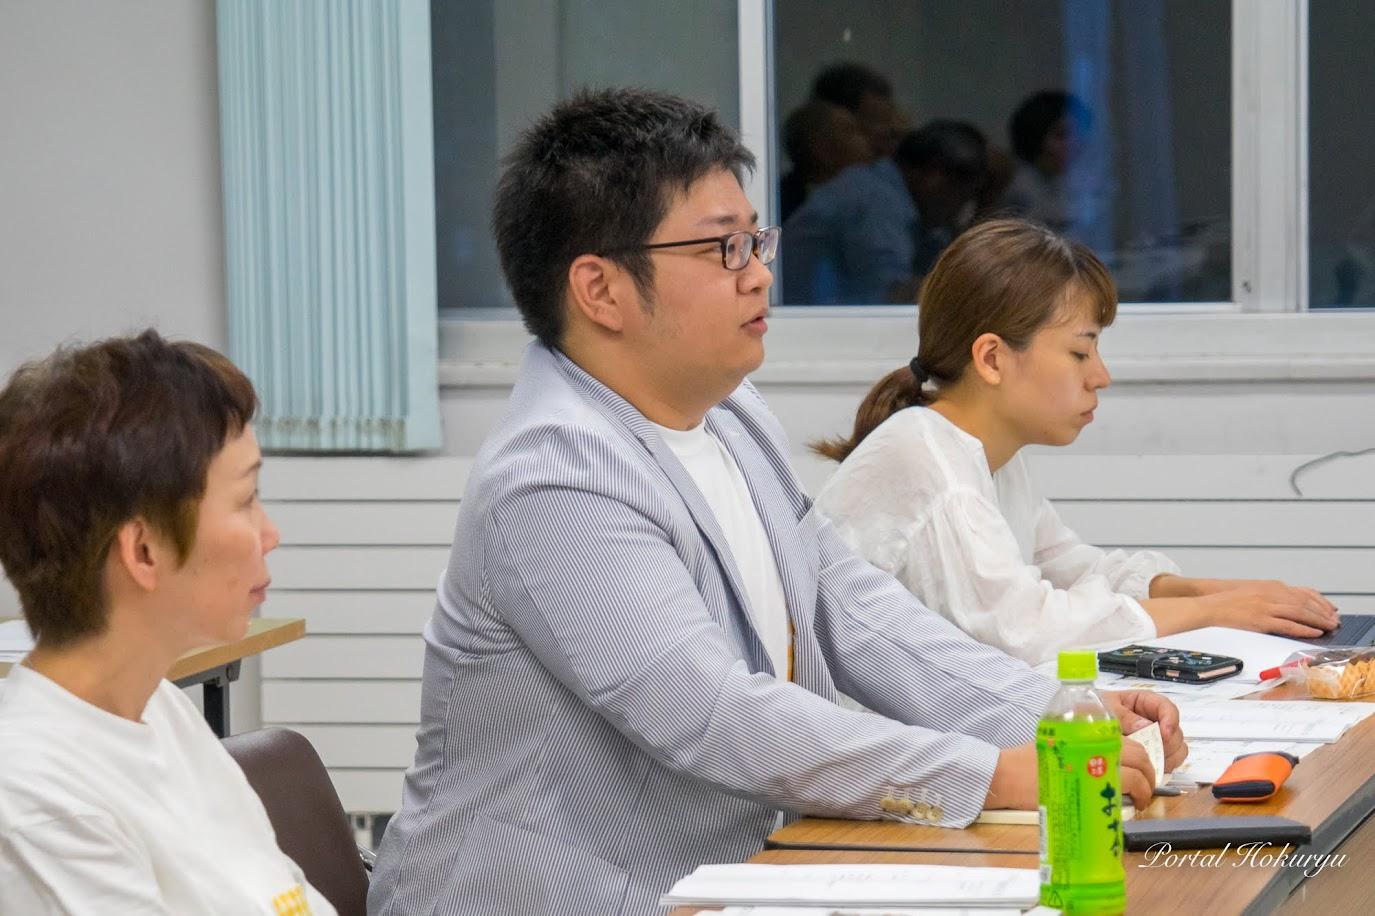 海道立総合研究機構 建築研究本部 企画調整部 企画課 佐々木優二 様